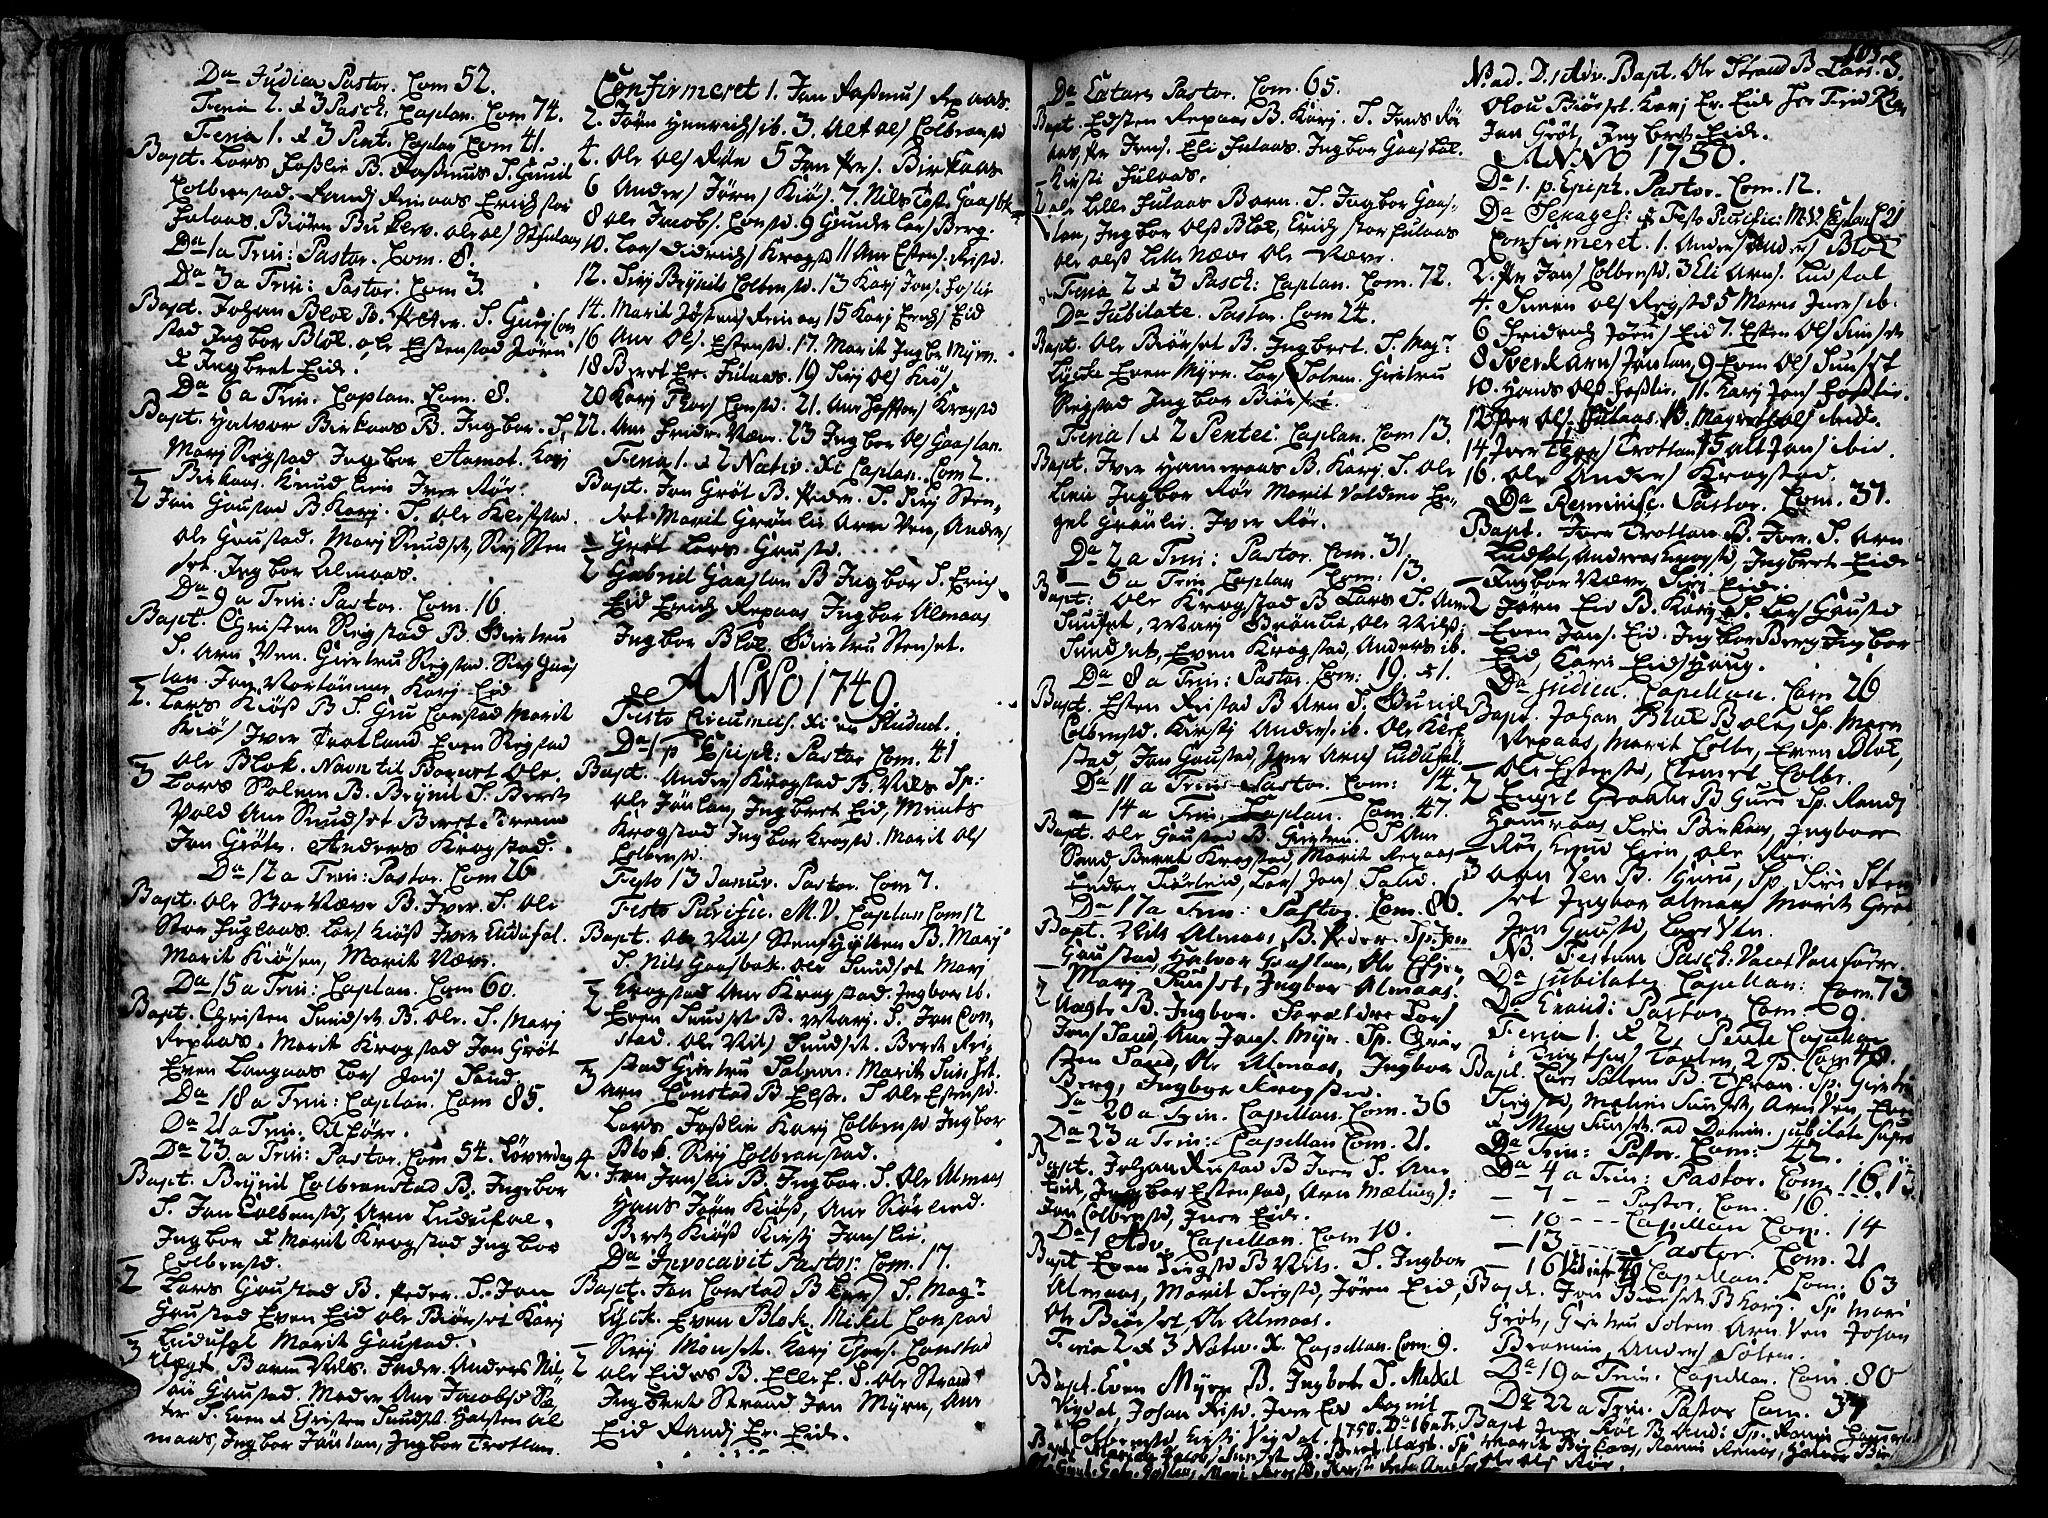 SAT, Ministerialprotokoller, klokkerbøker og fødselsregistre - Sør-Trøndelag, 691/L1060: Ministerialbok nr. 691A01 /4, 1740-1767, s. 105